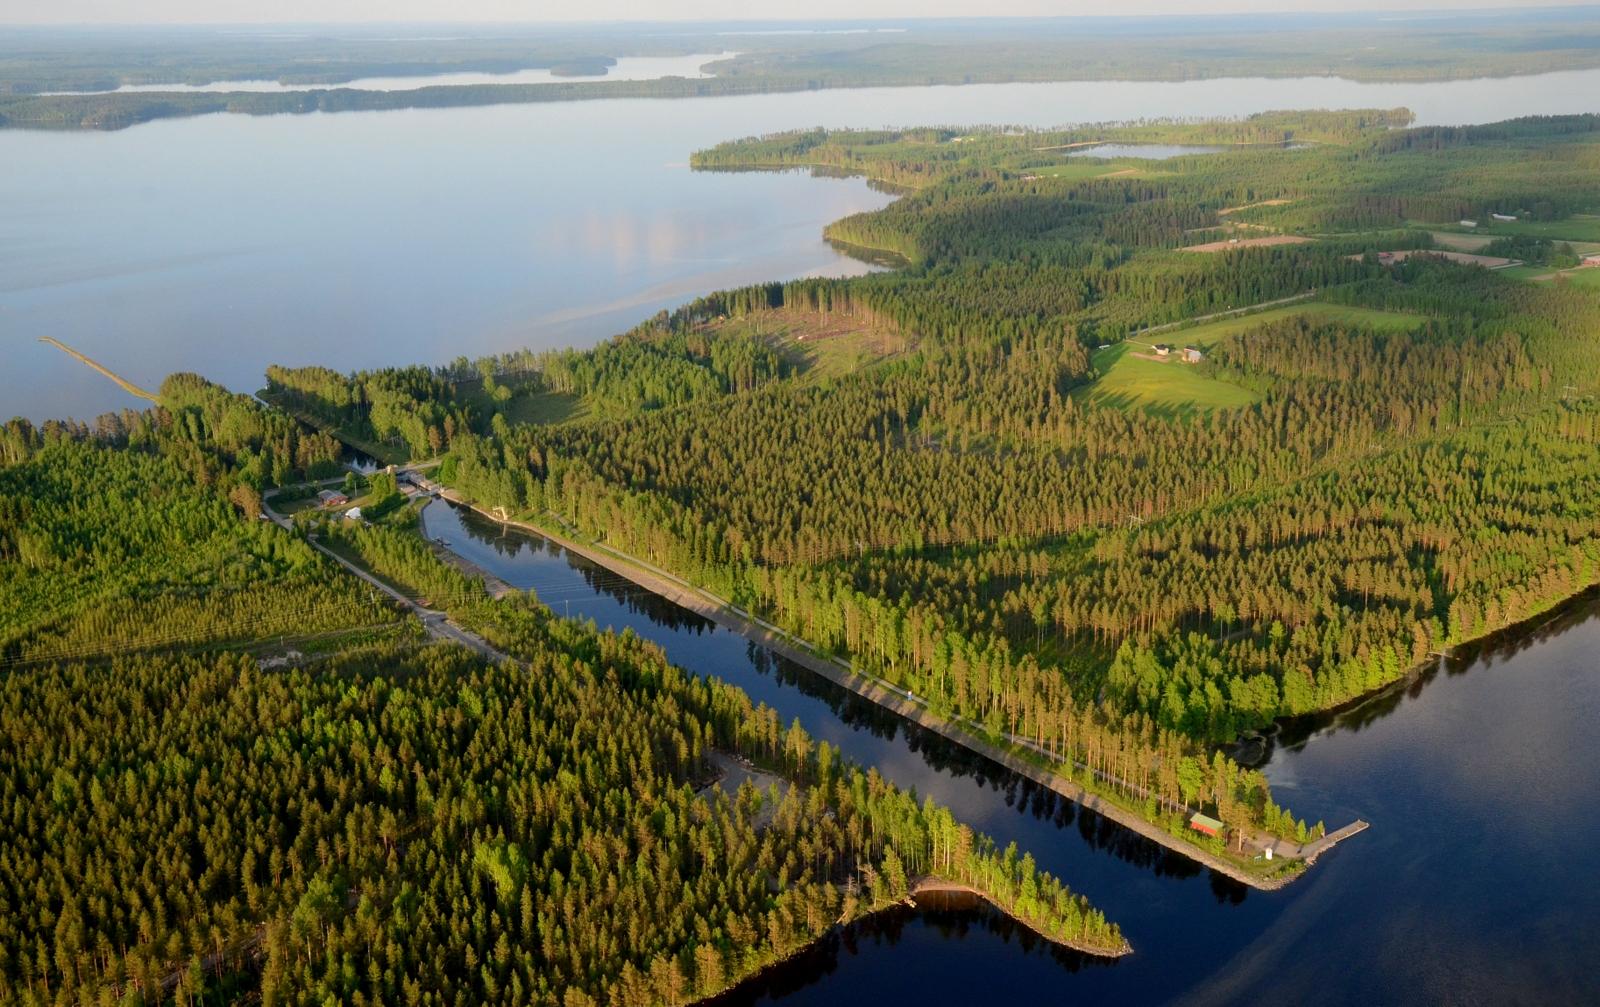 Tähän Neiturin kanavalle päätetään tämä kuvasarja, ja tästä jatketaan ensi vuoden puolella matkaa.